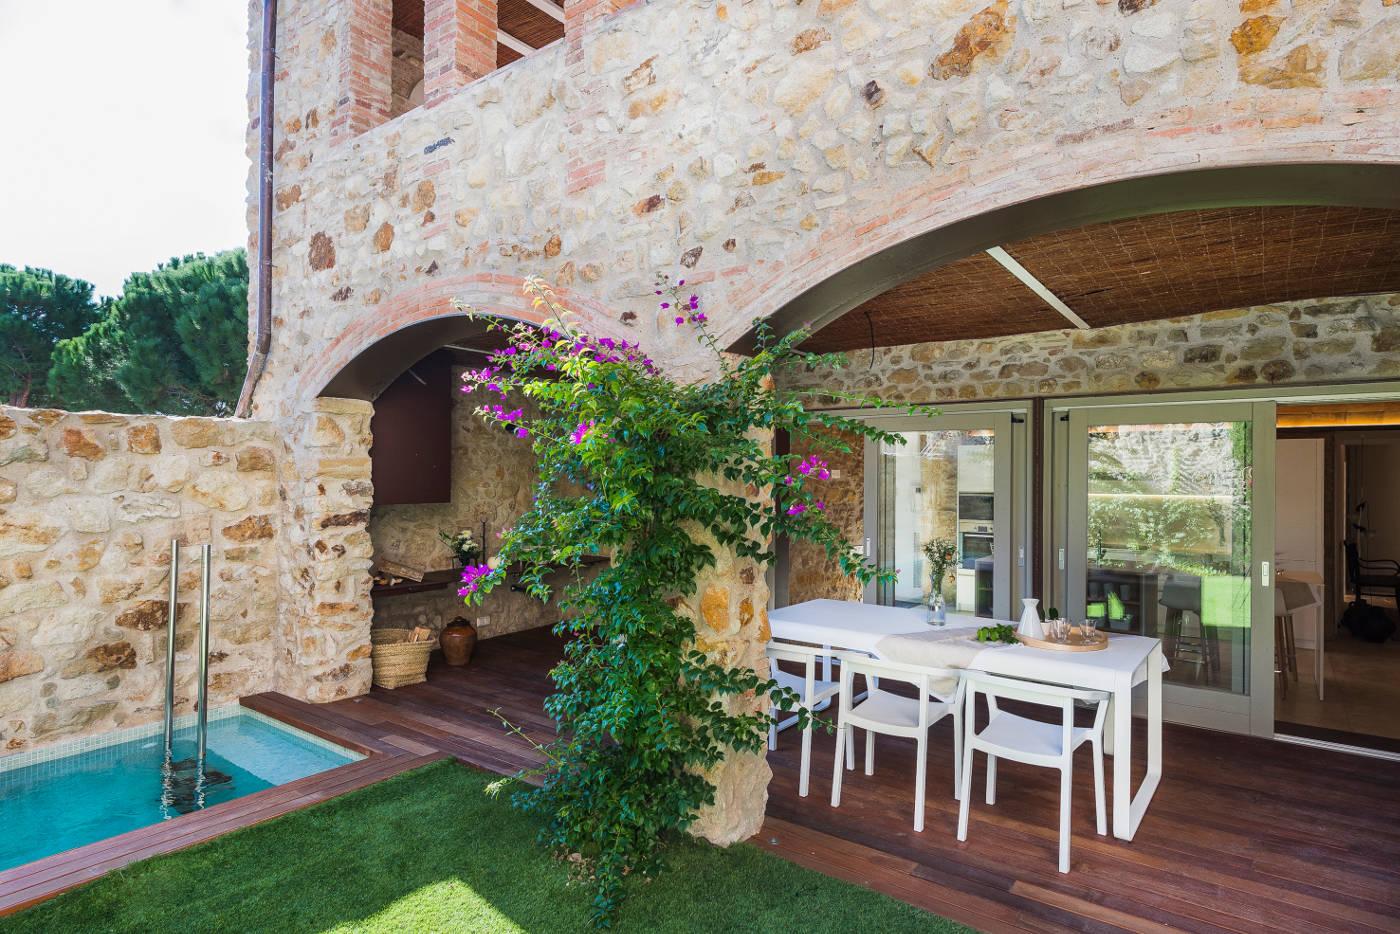 Rehabilitacion y reforma casas rusticas gloria duran estudio de arquitectura - Piedras para fachadas de casas rusticas ...